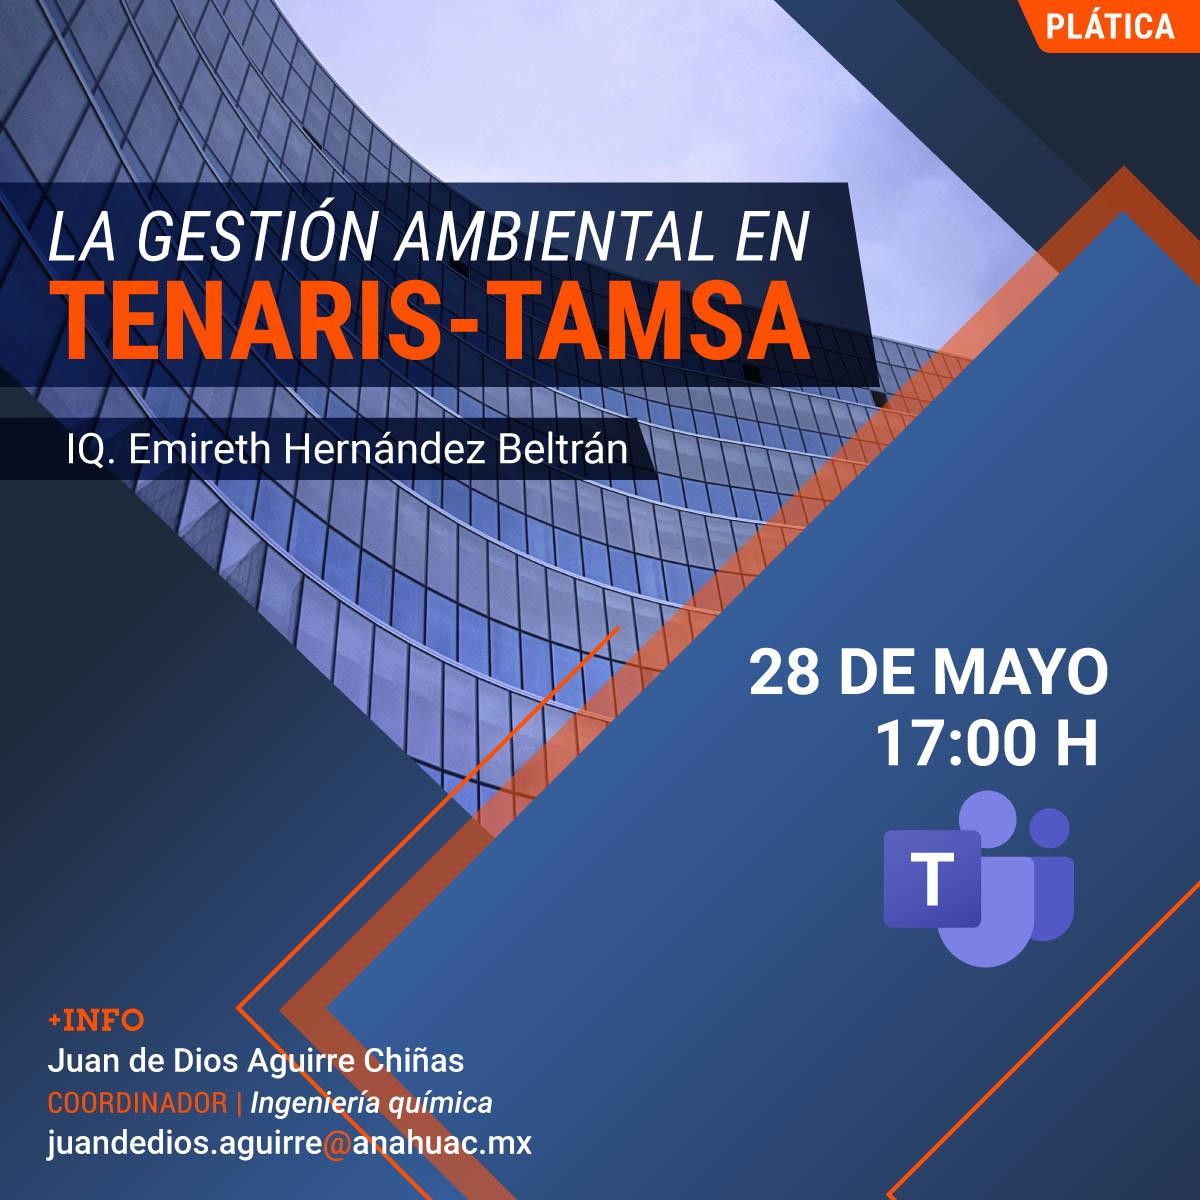 La Gestión Ambiental en Tenaris-Tamsa